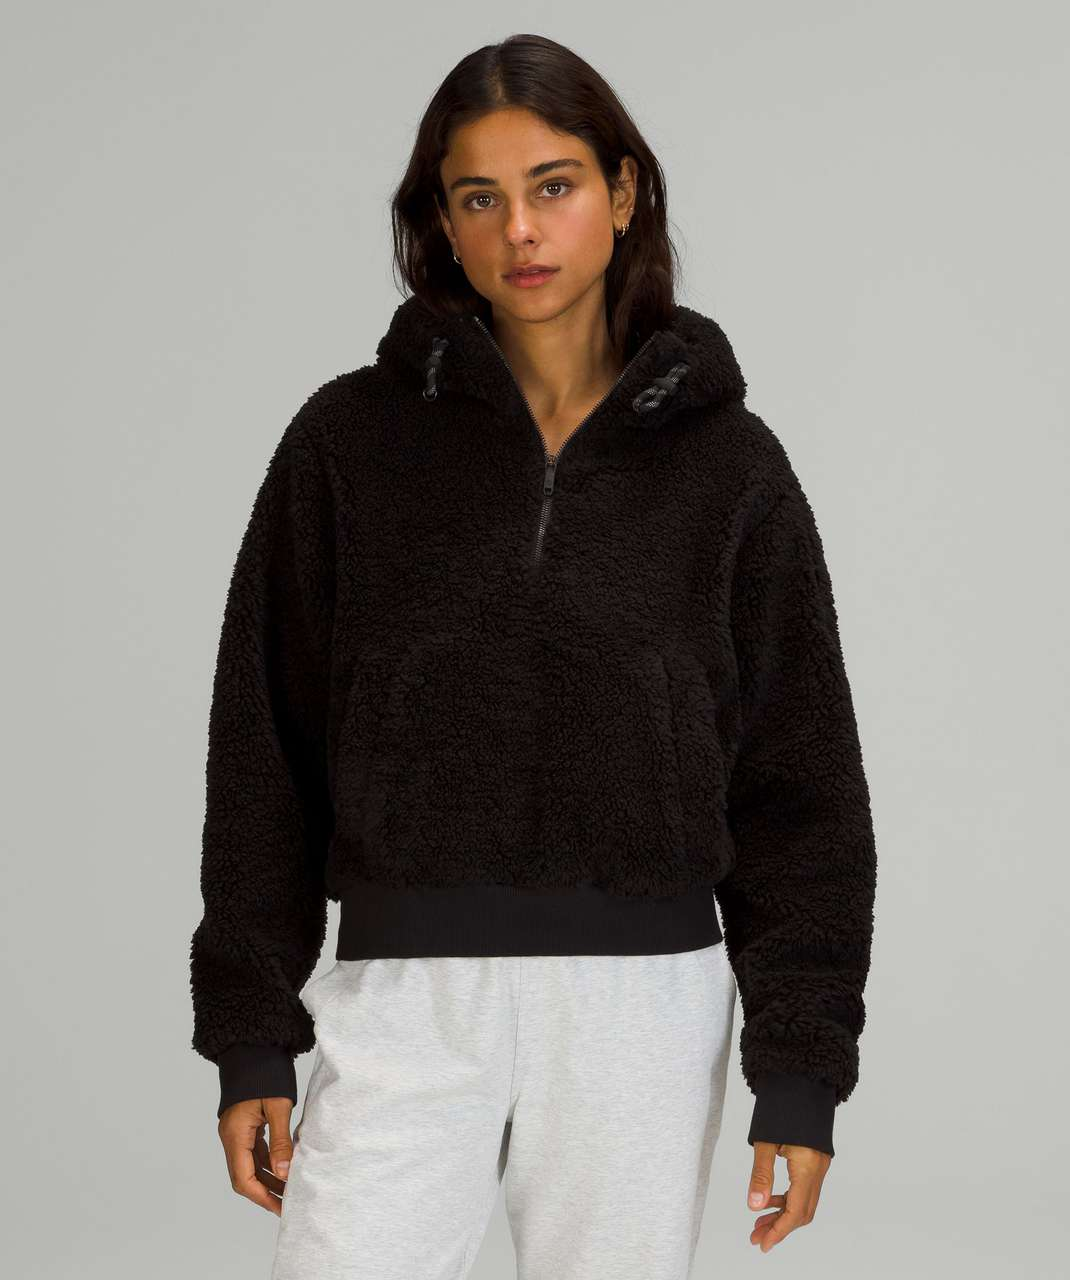 Lululemon Textured Fleece 1/2 Zip - Black